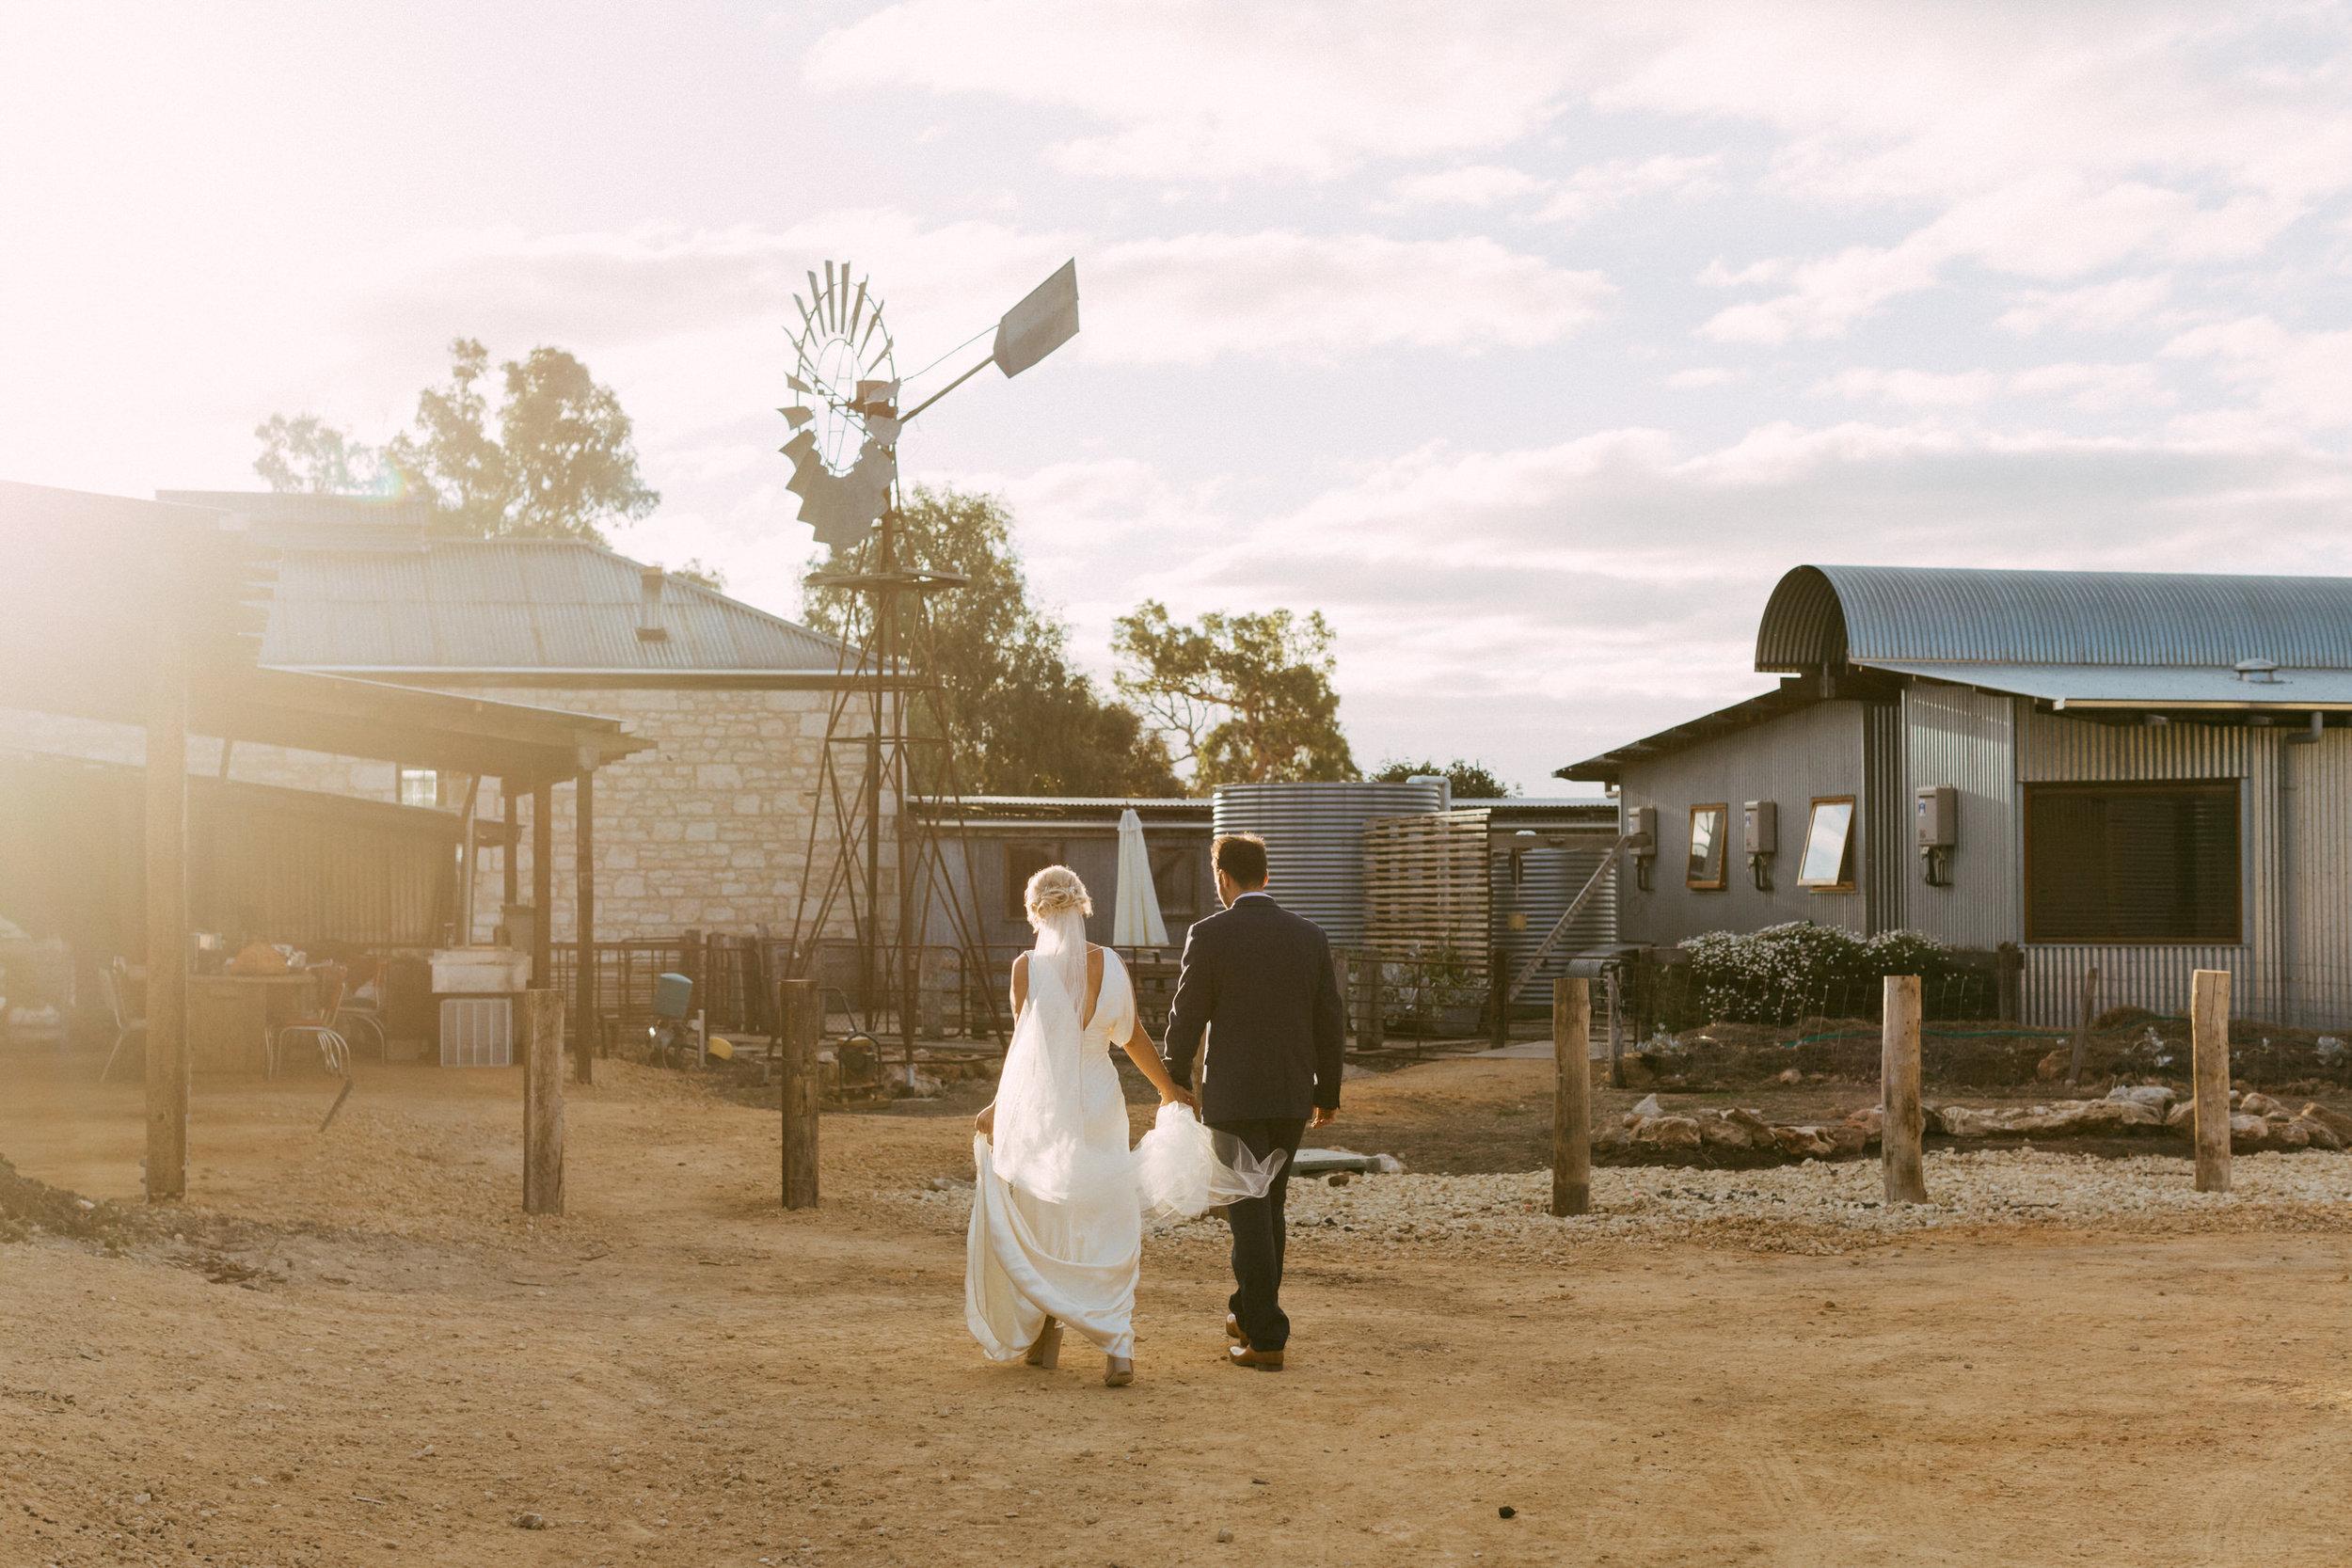 Coonawarra Elopement South Australia 055.jpg